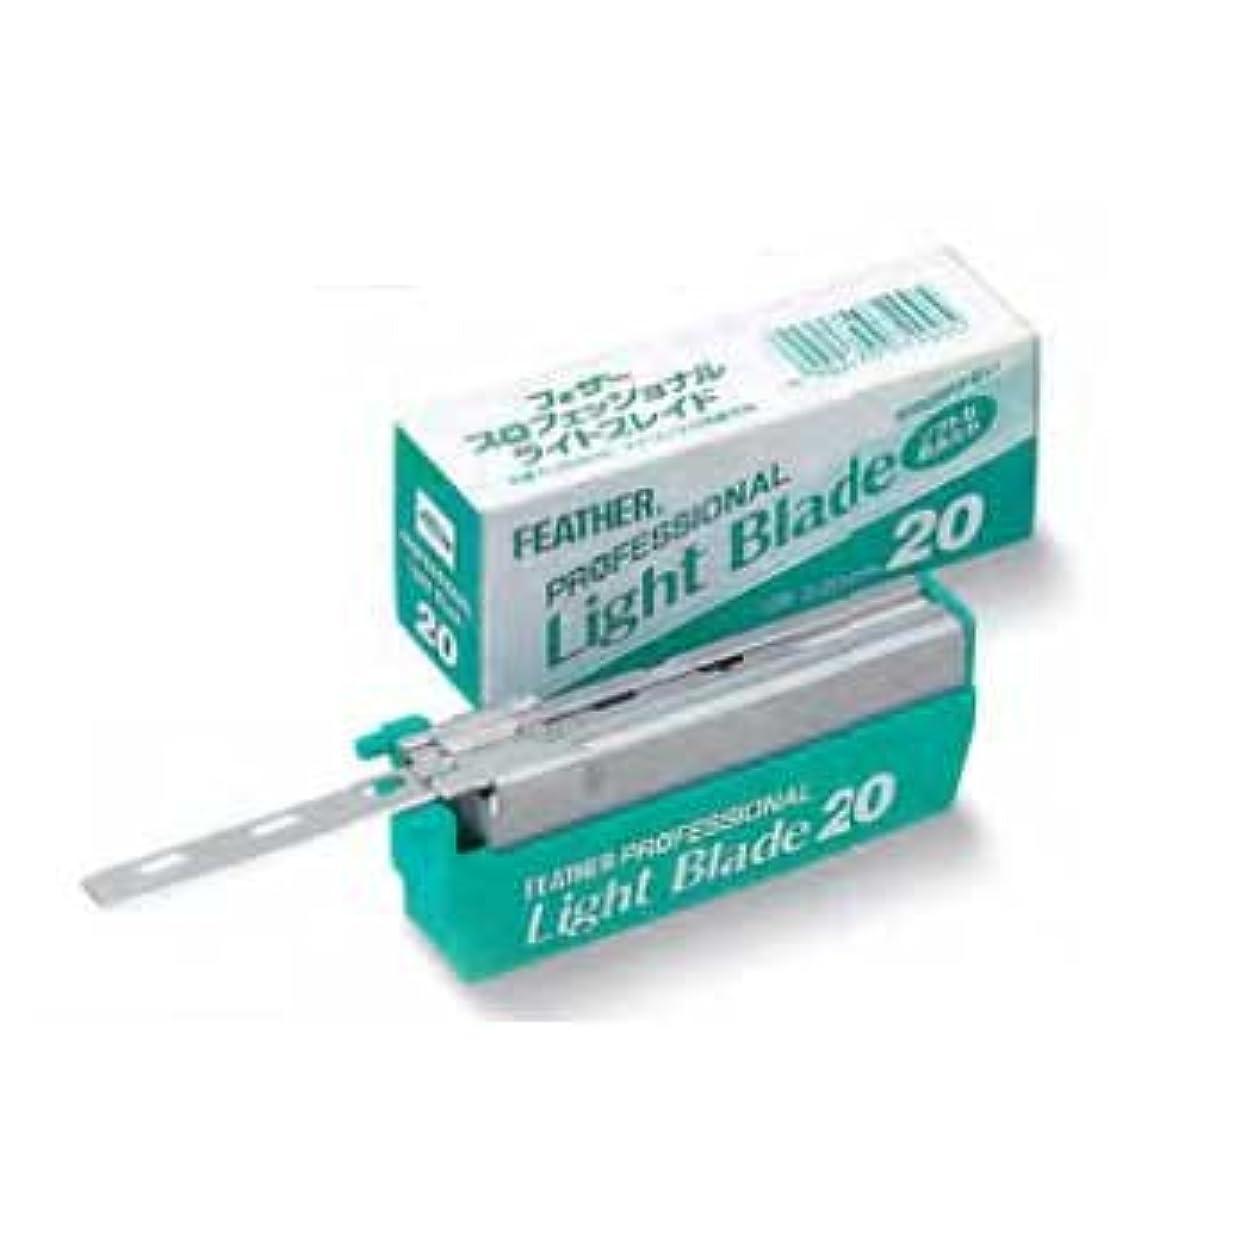 高いできる著作権フェザー プロフェッショナル ライトブレイド PL-20 20枚×10 替刃 刃の出が少ないソフトな肌当たり FEATHER アーティストクラブ用替刃